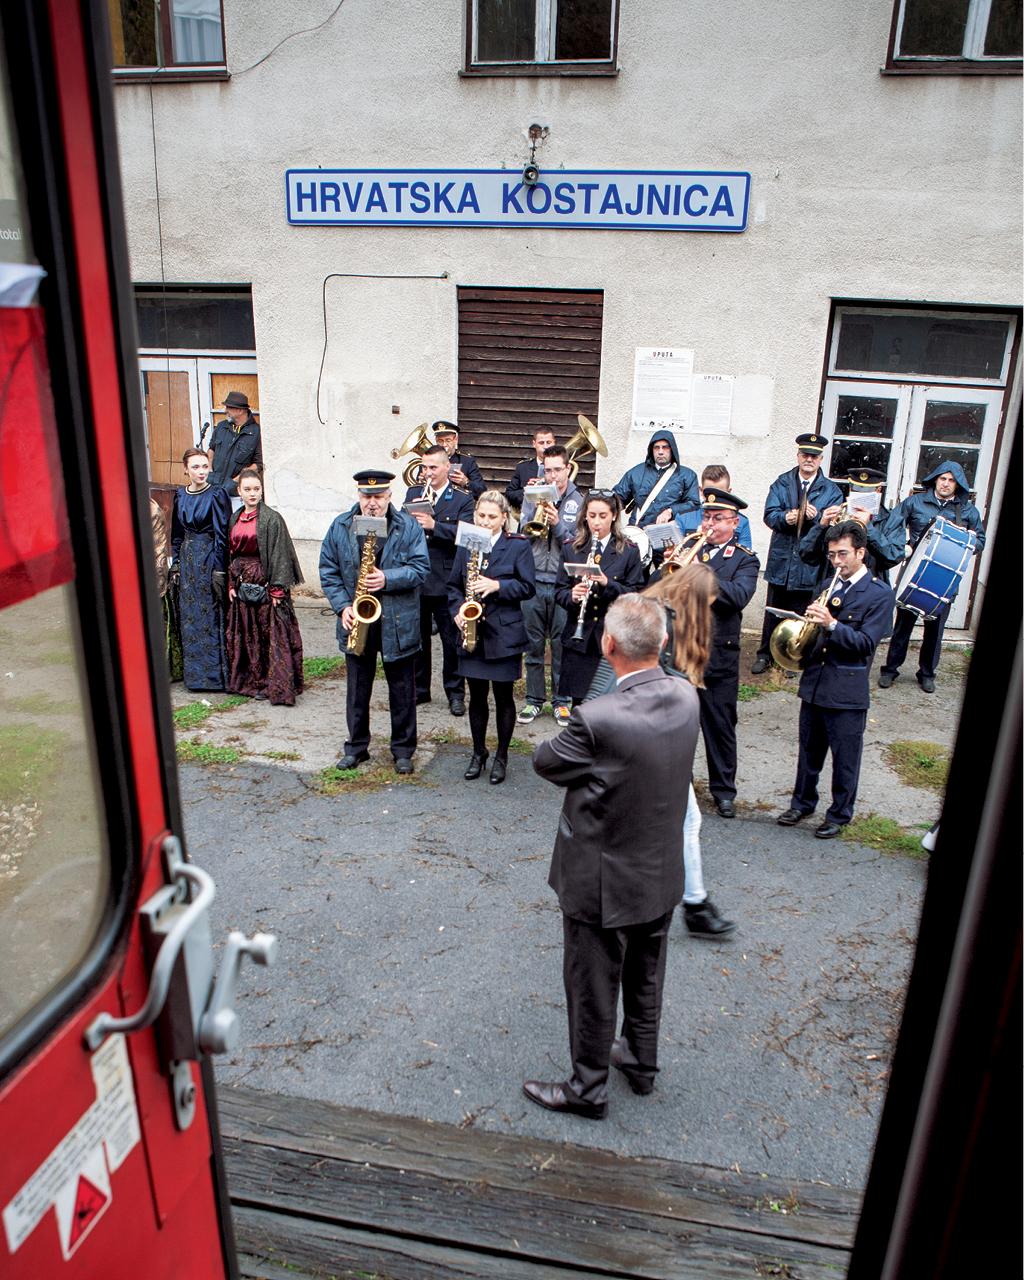 Dzień Niepodległości Chorwacji obchodzony na peronie